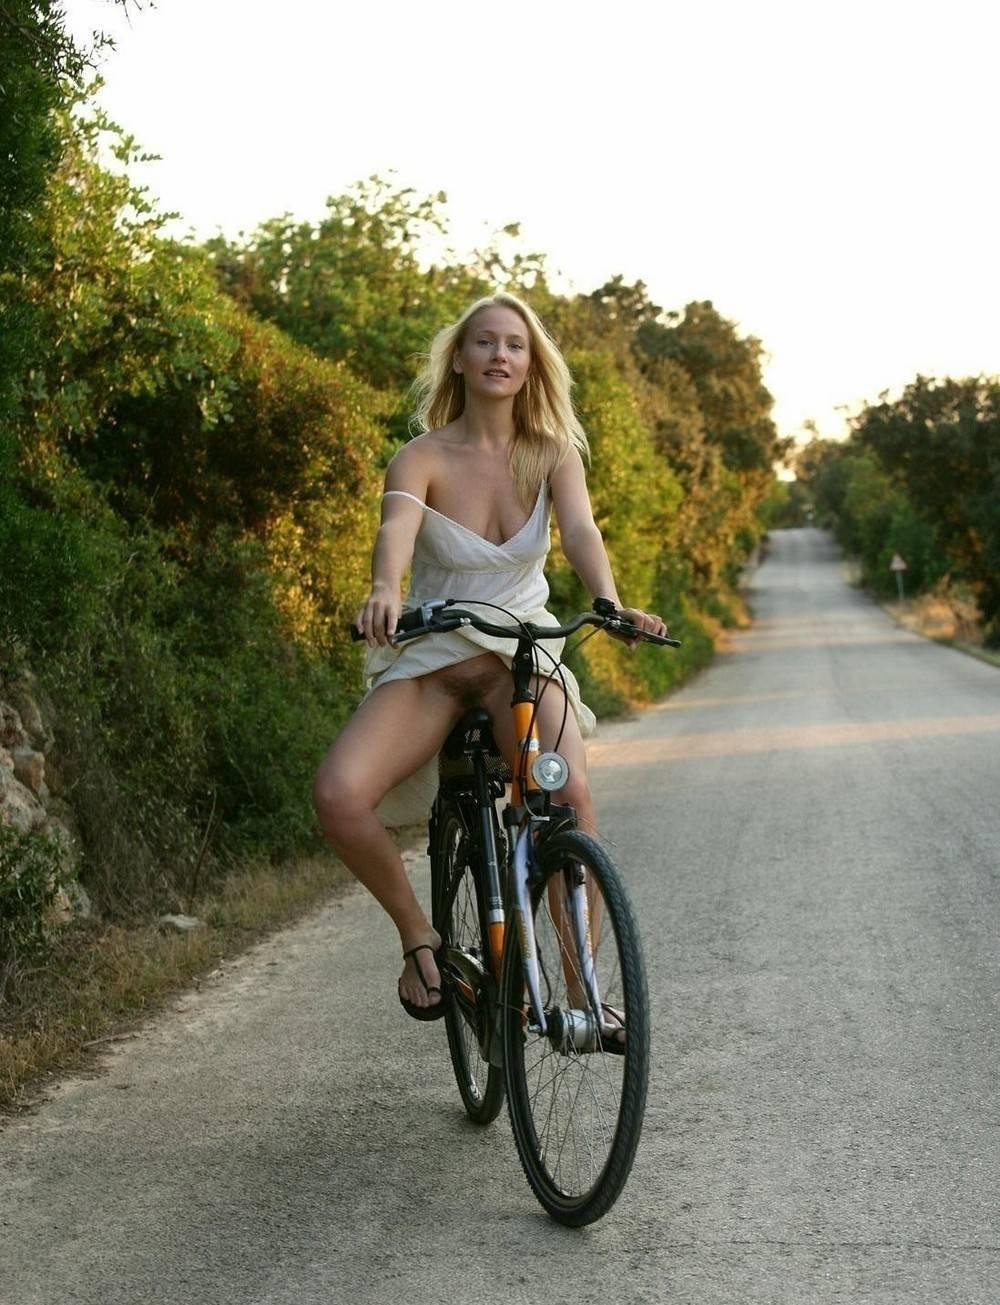 без трусов в юбке на велосипеде смотреть онлайн кулибины нужны